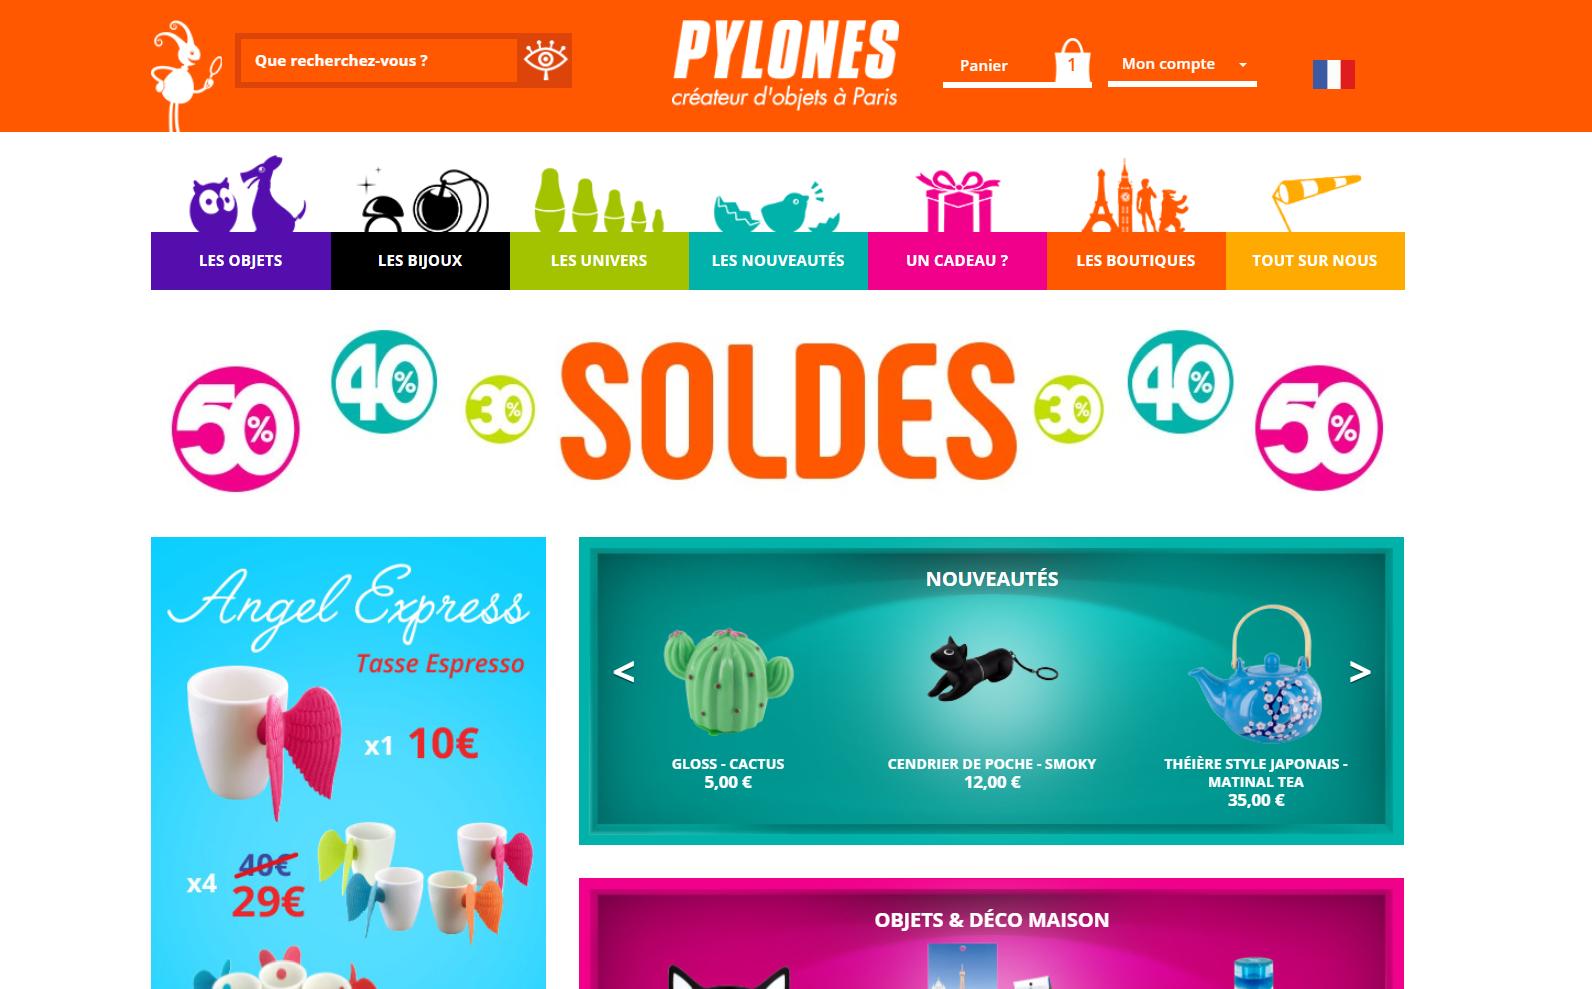 pylones-–-créateurs-d'objets-à-paris-image-1